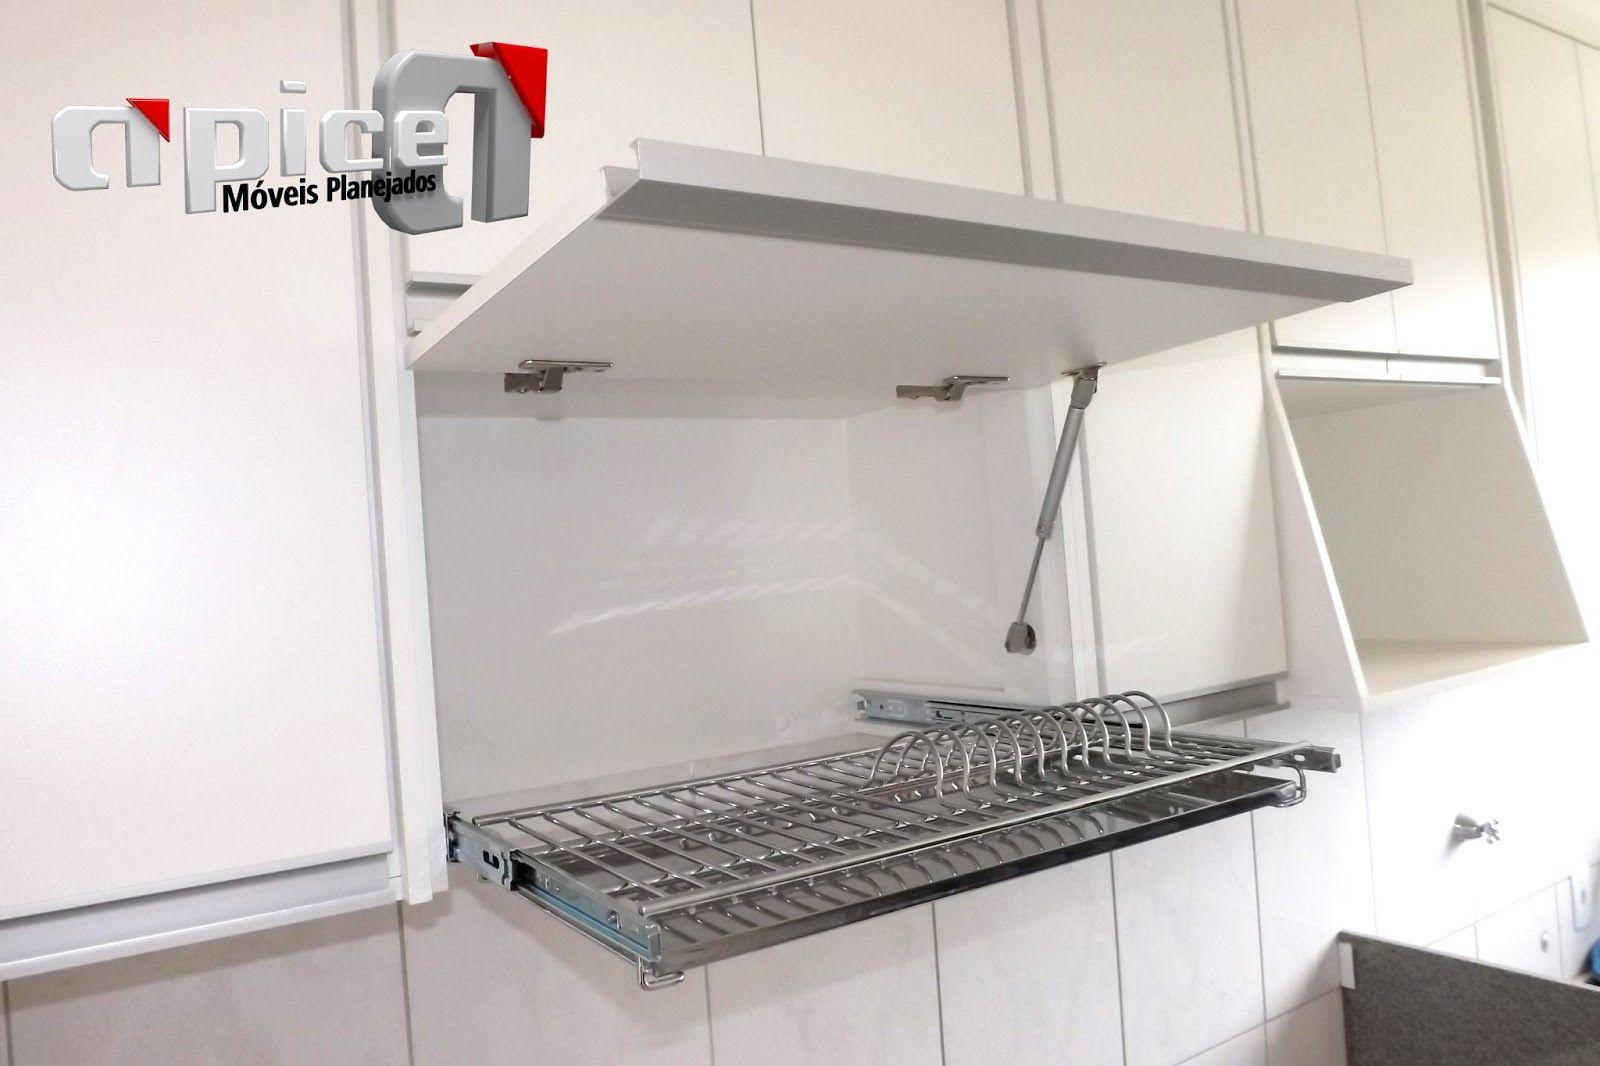 Armario Embutido Pia Cozinha : Escorredor embutido prefer?ncia embaixo da pia cozinha